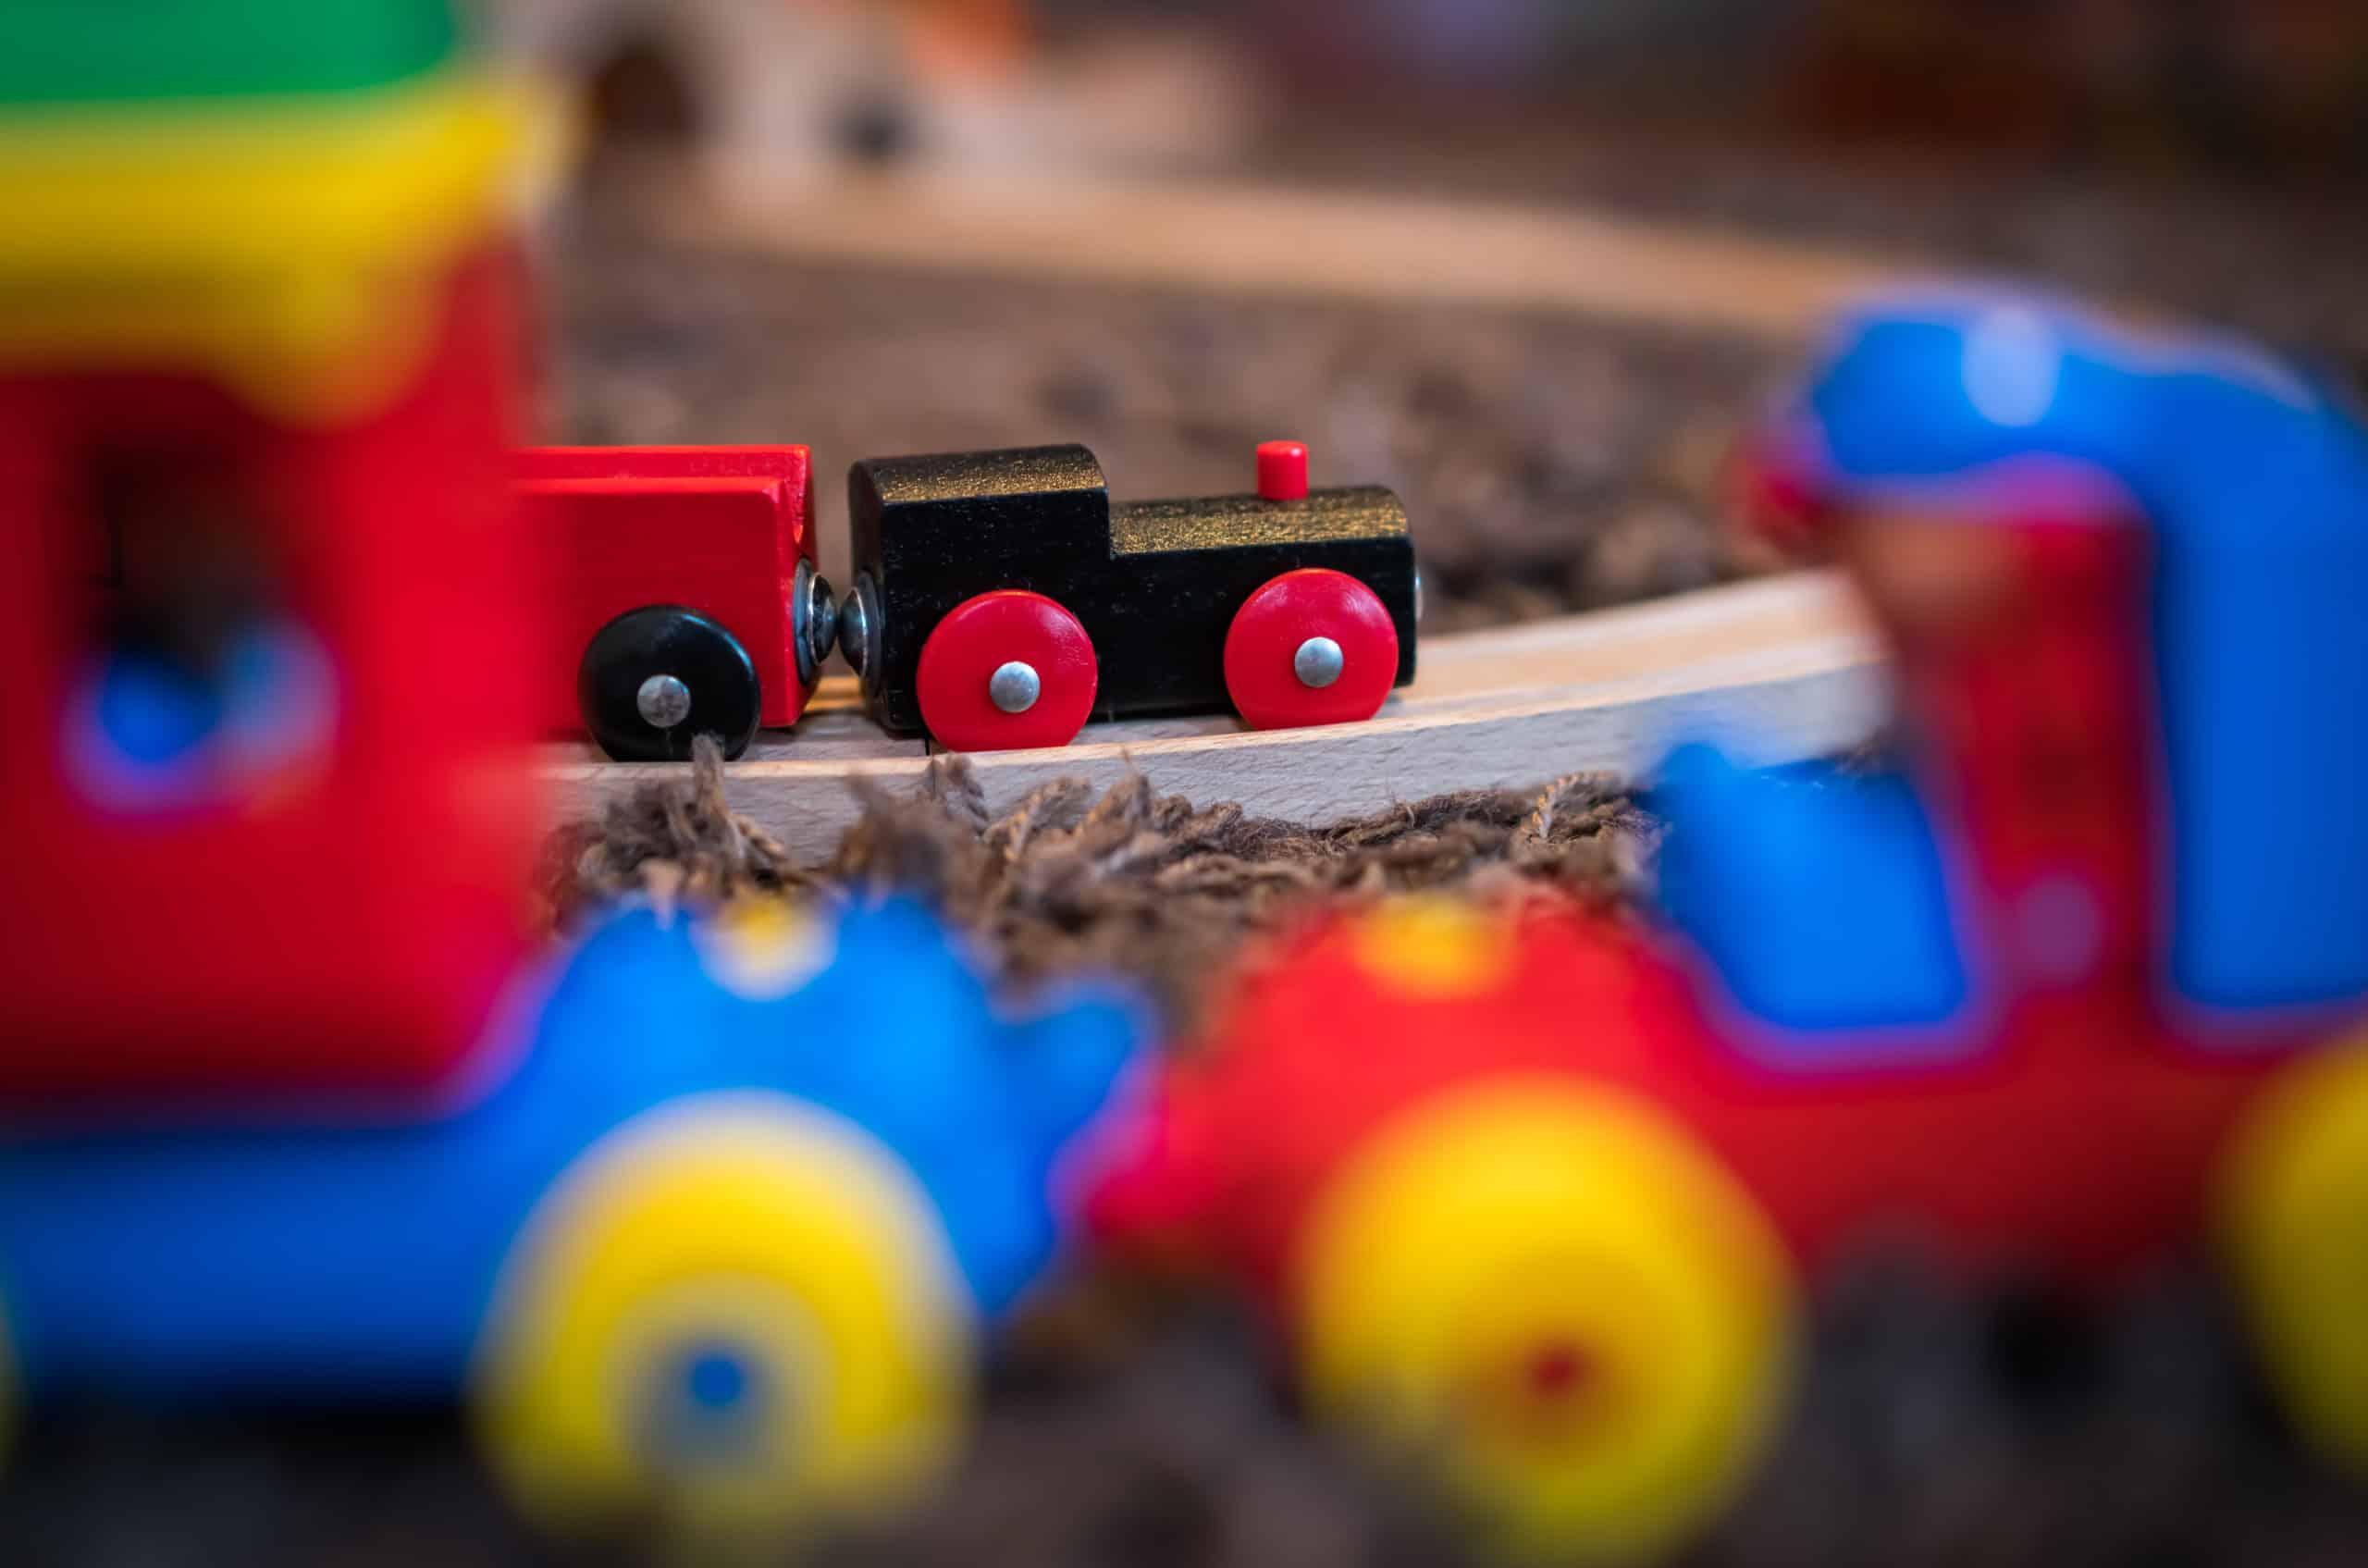 Holzspielzeug ist bunt, macht Freude und fördert die Kreativität der Kinder.